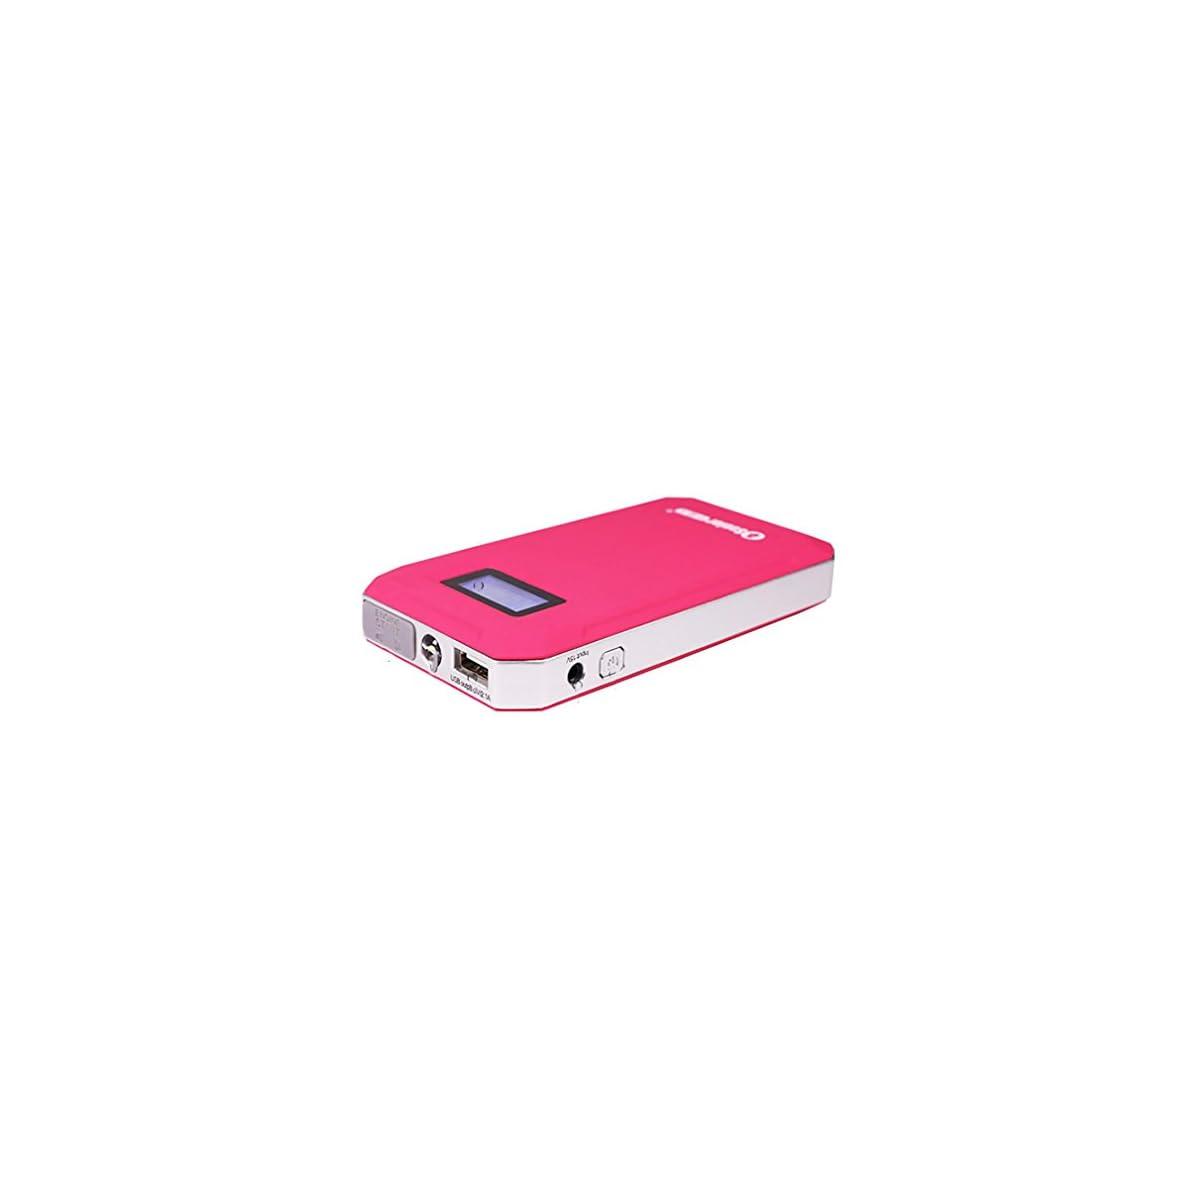 41SJMWCKLkL. SS1200  - WJJ-600A 8000mAh Mini arrancador portátil del salto del coche, paquete de reserva de la batería de la emergencia, cargador portable del banco de la energía con la linterna del LED para la tableta del teléfono y más